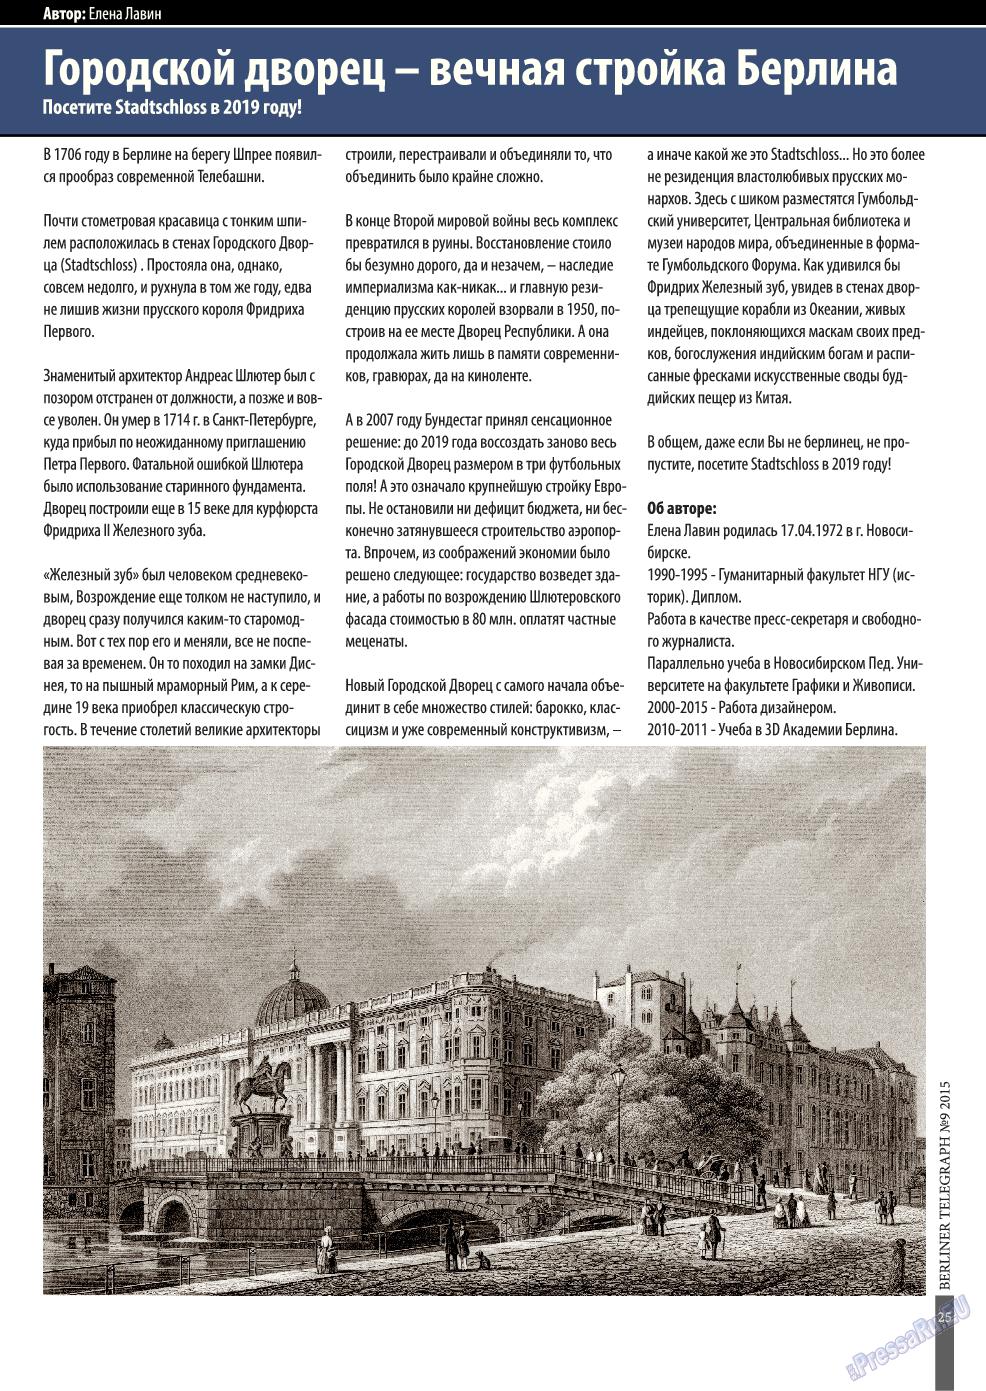 Берлинский телеграф (журнал). 2015 год, номер 10, стр. 25